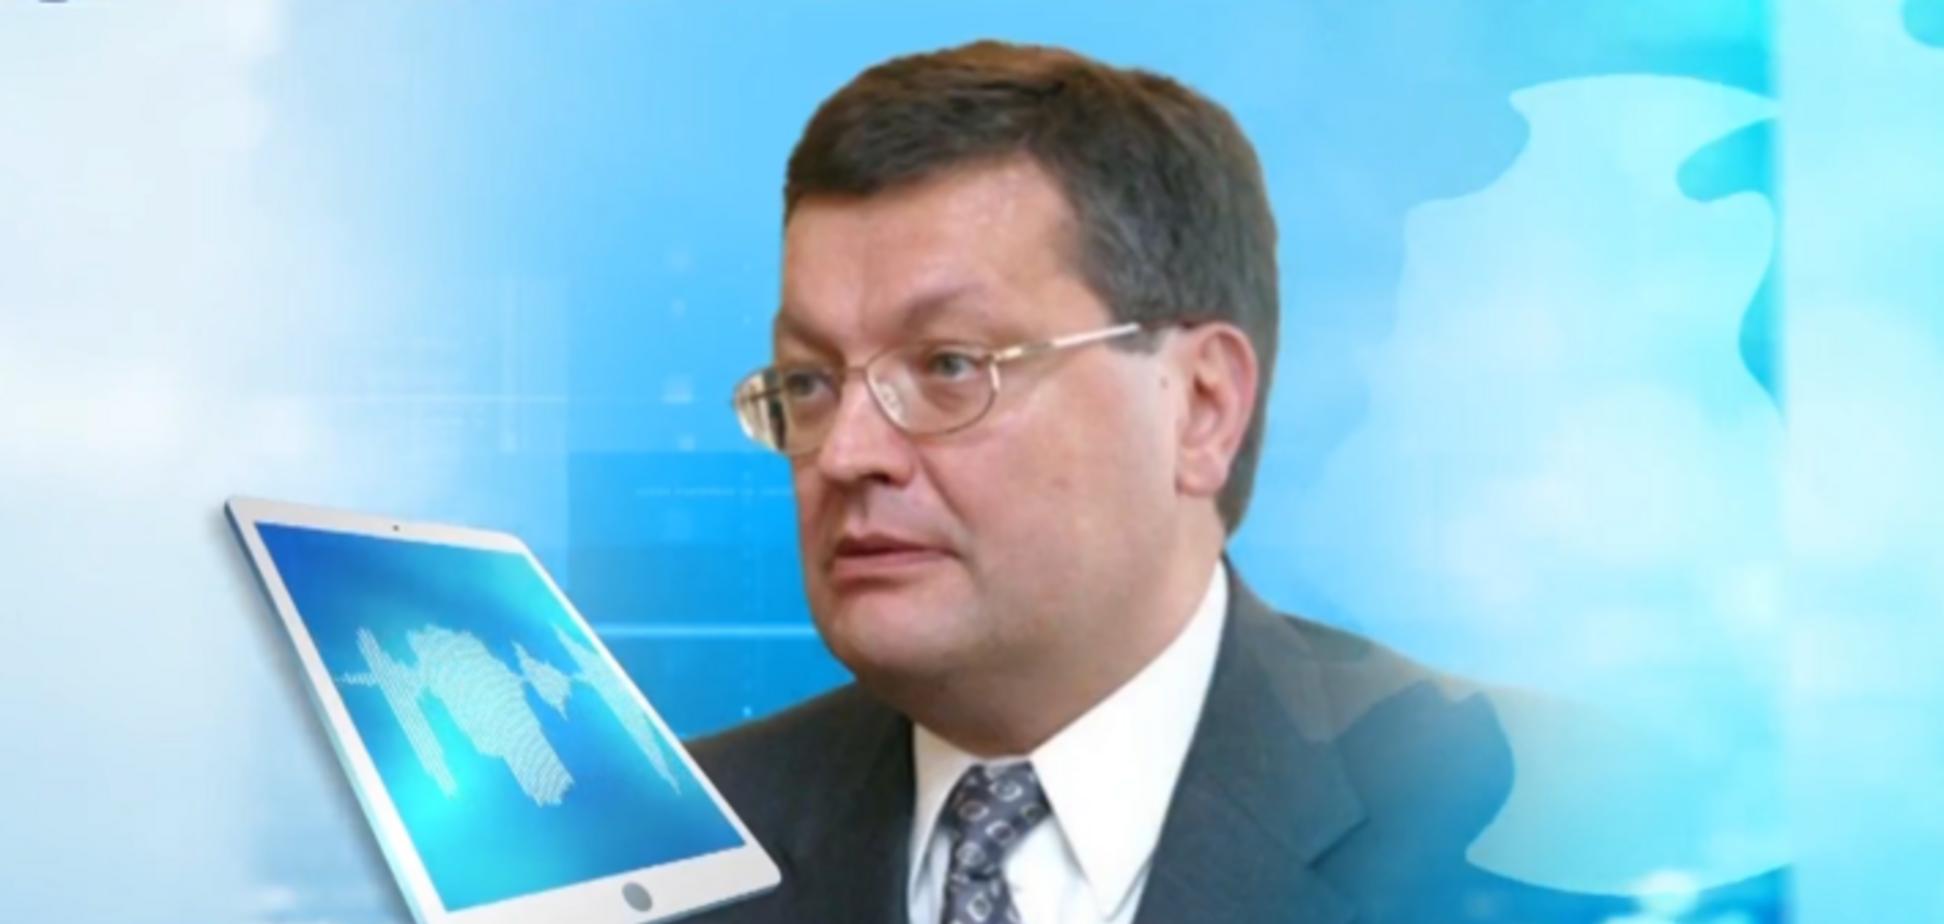 Кремль демонструє свої важелі тиску на Україну її новообраному президенту – Грищенко